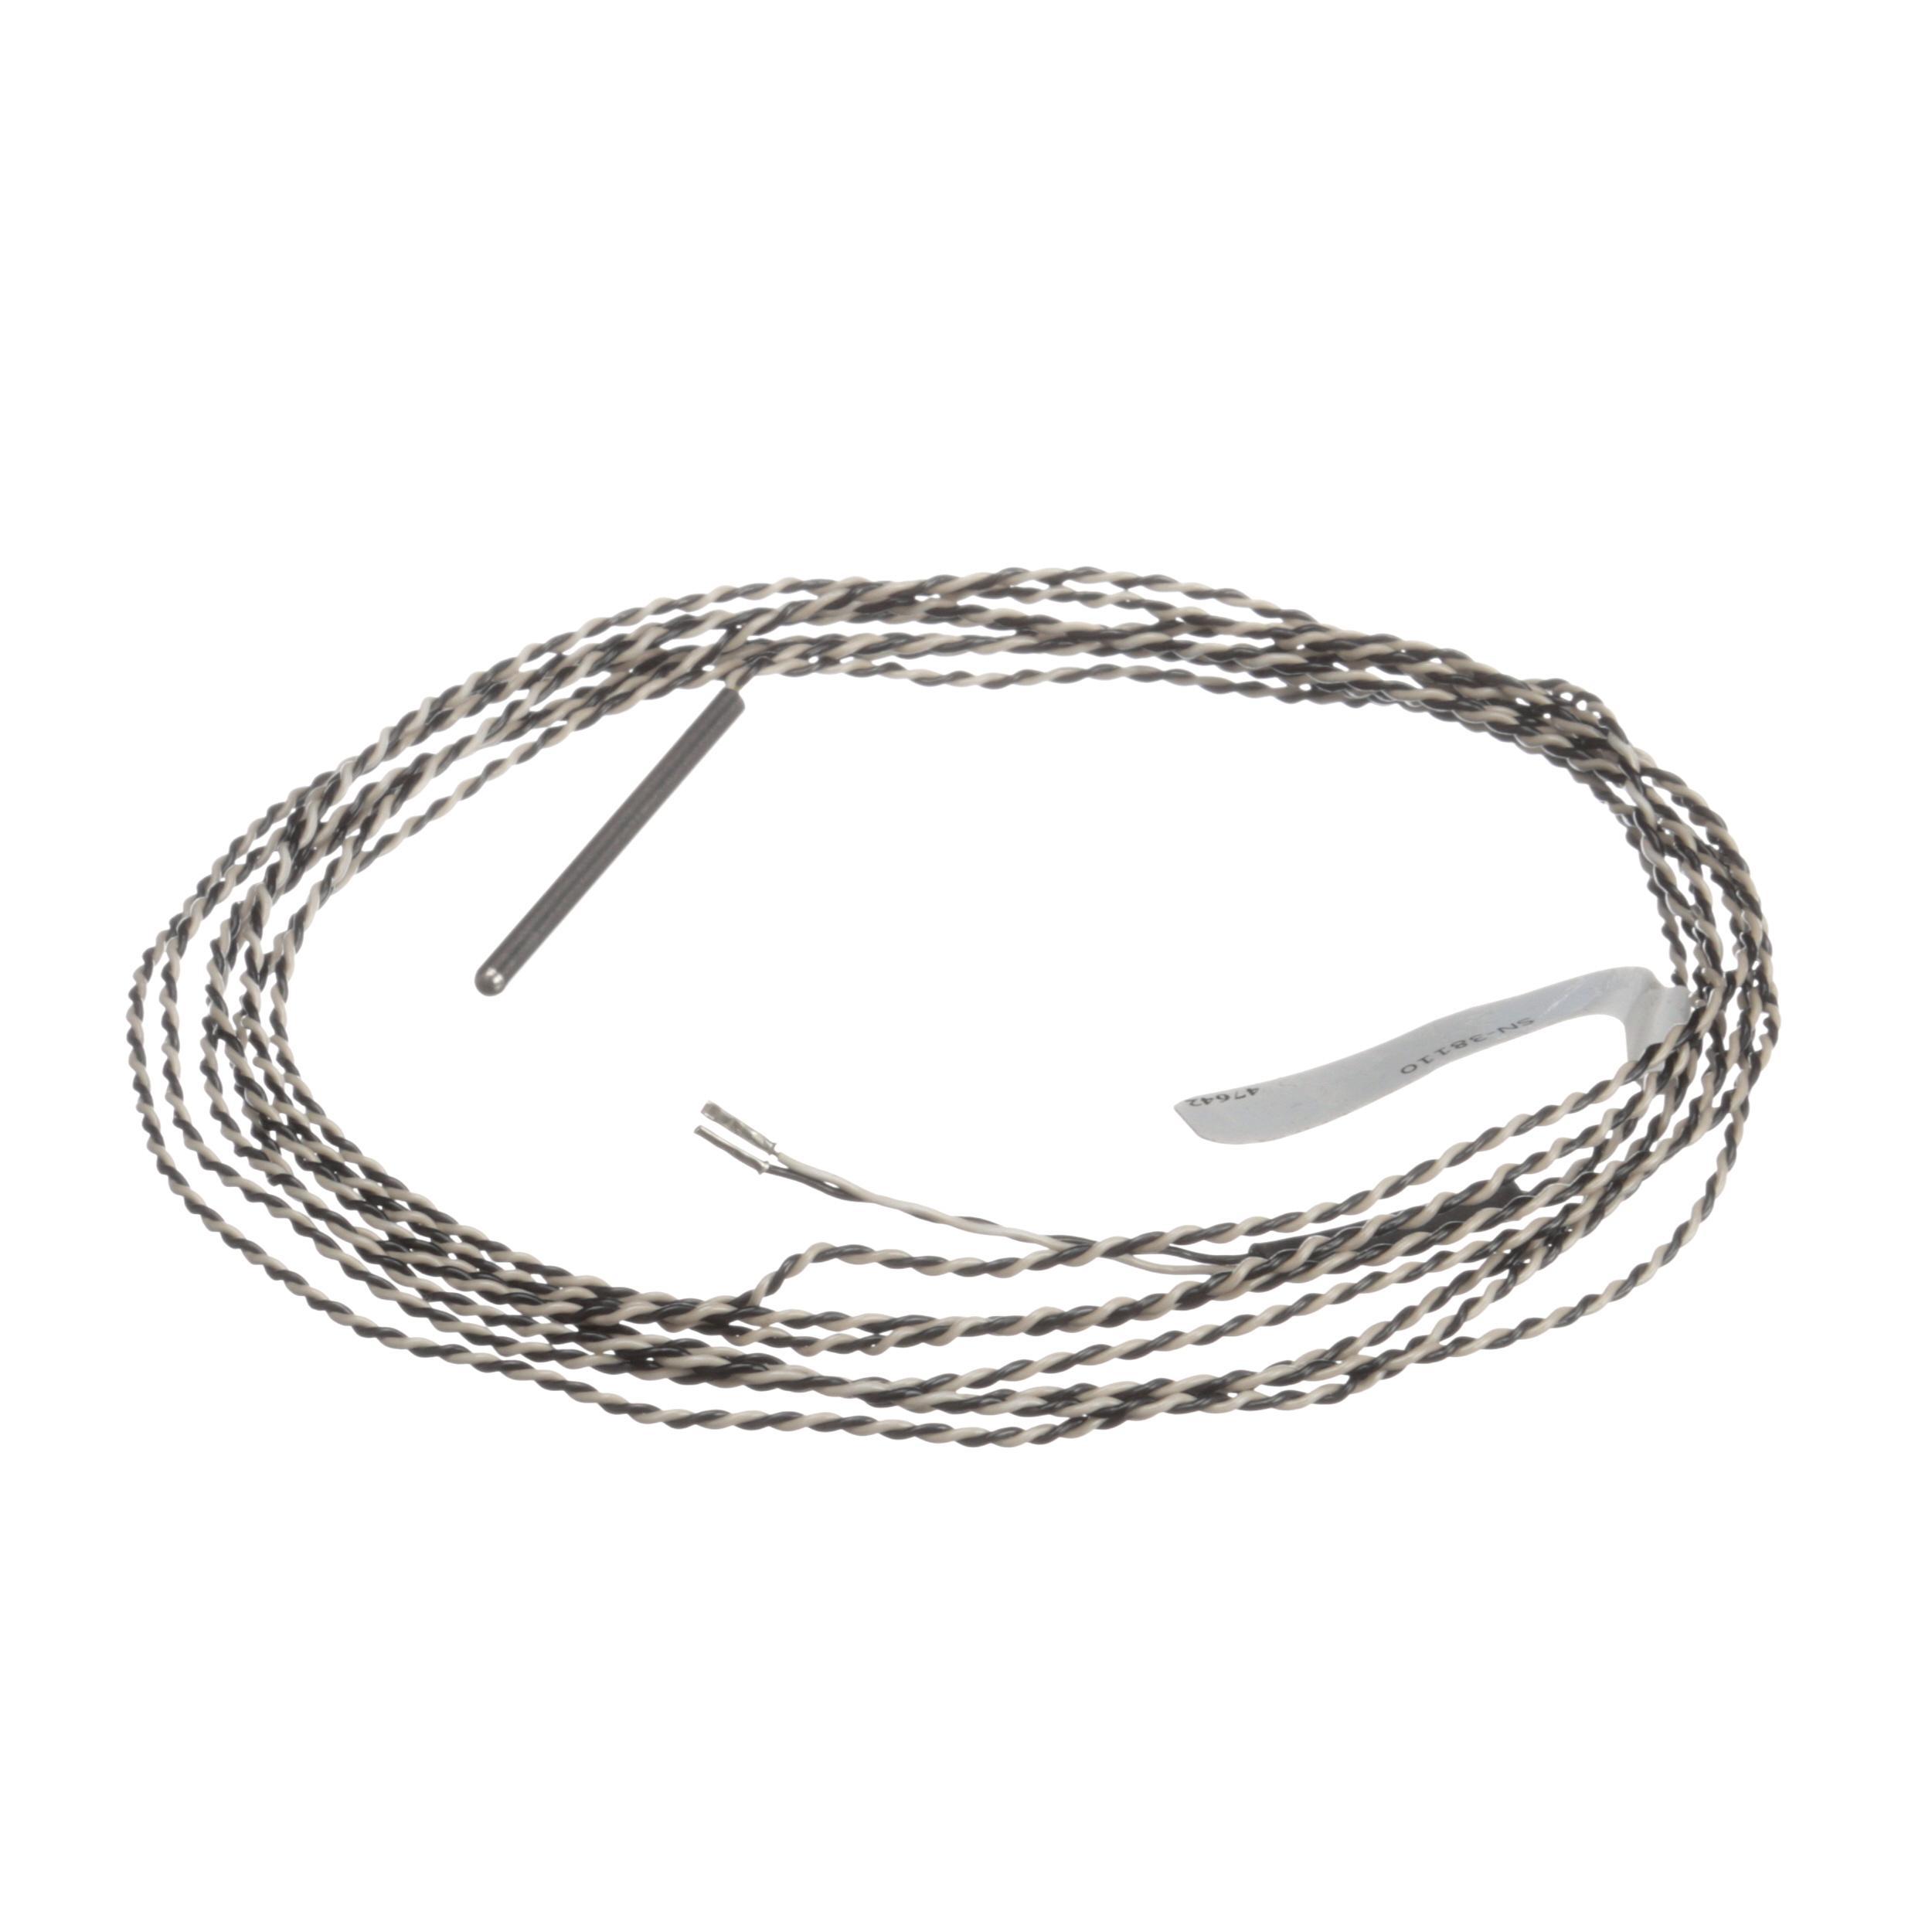 Alto Shaam Sensor 100 Ohm 110 Wire With